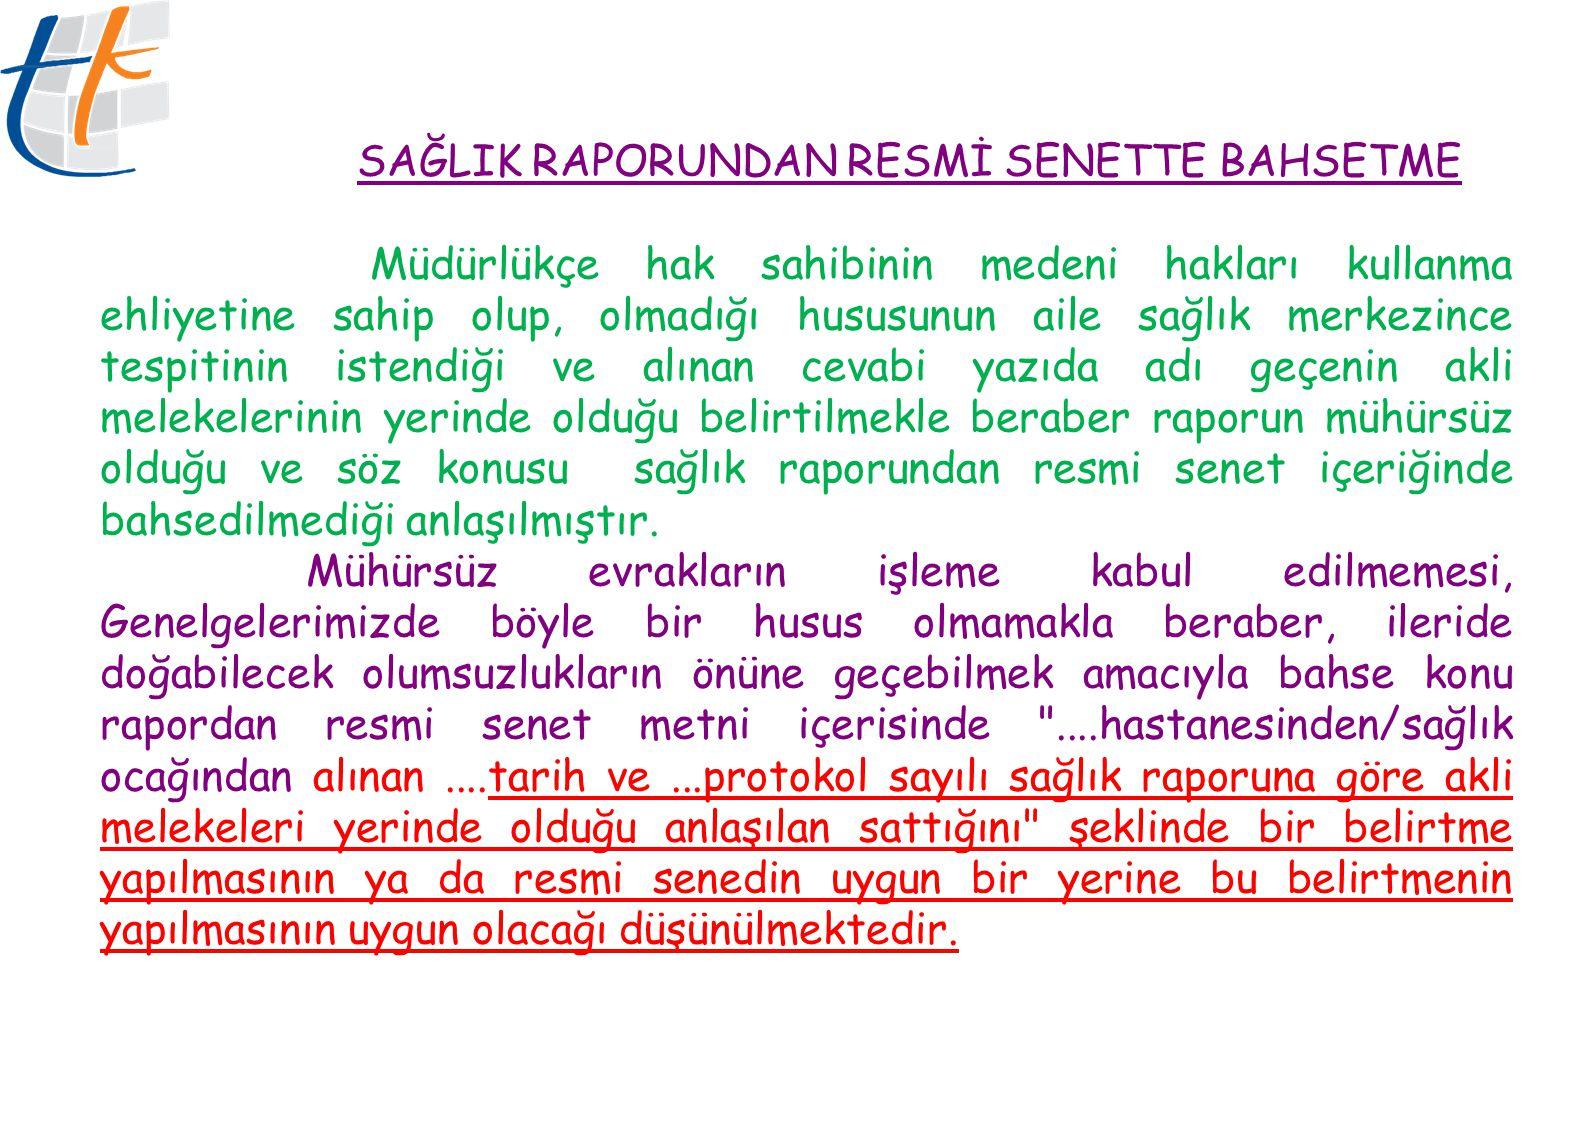 SAĞLIK RAPORUNDAN RESMİ SENETTE BAHSETME